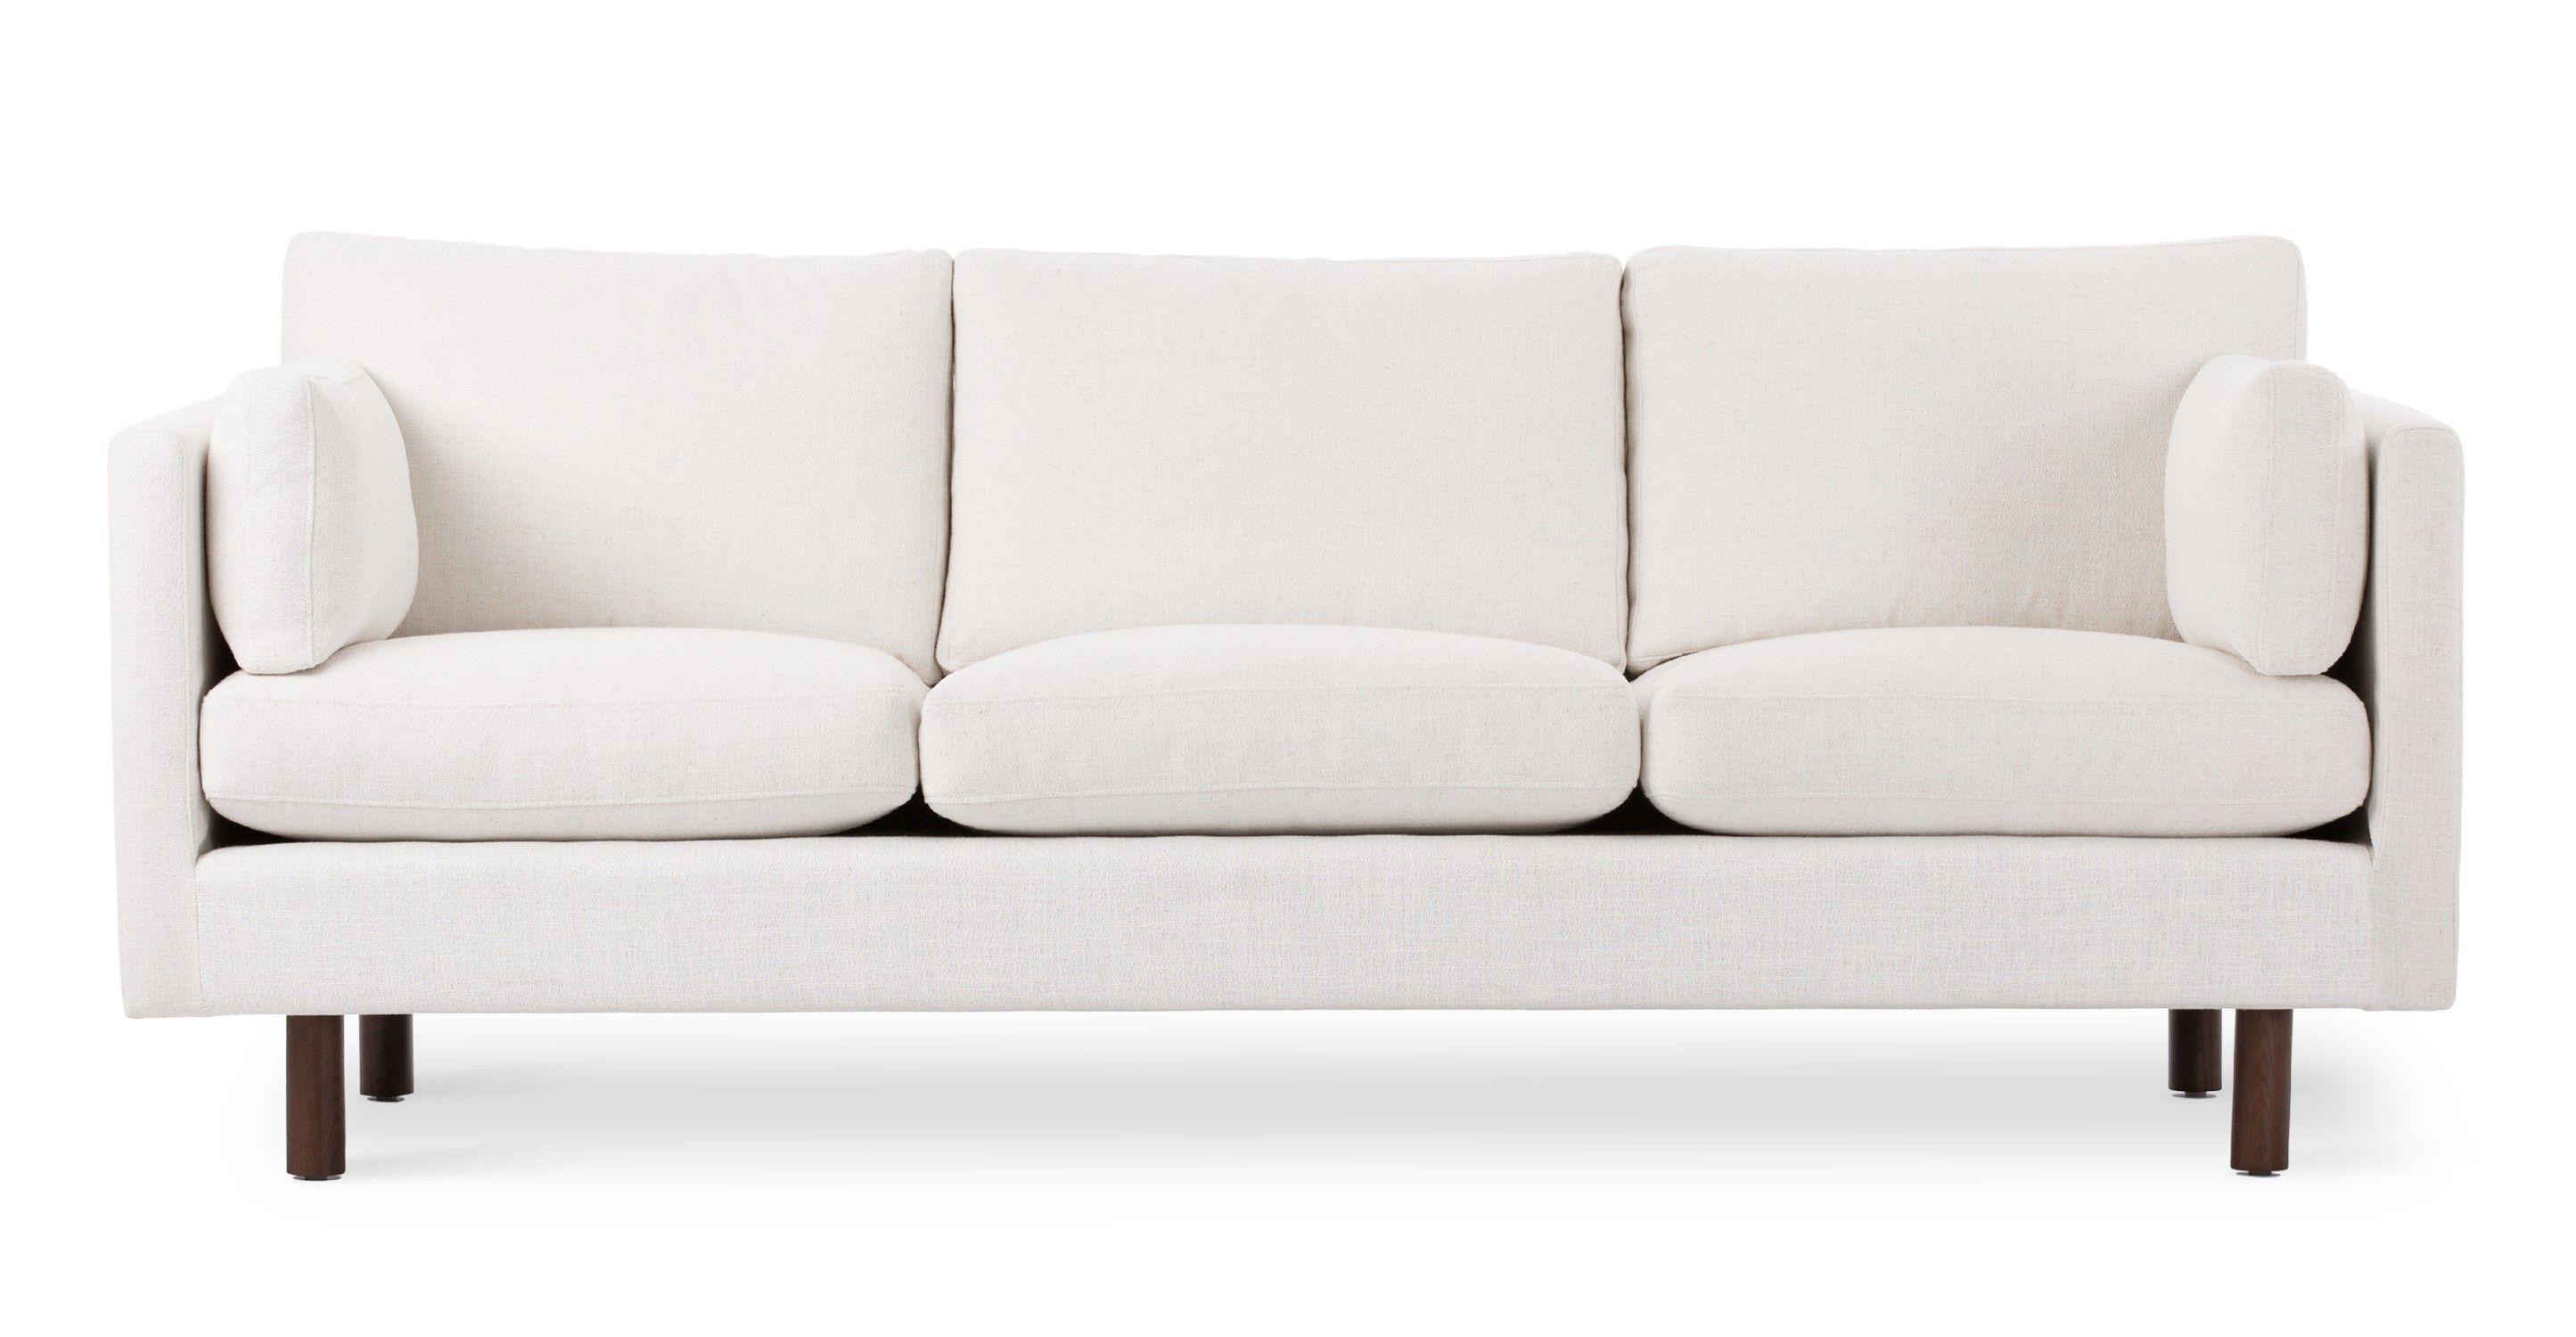 Superior Nova Creamy White Sofa